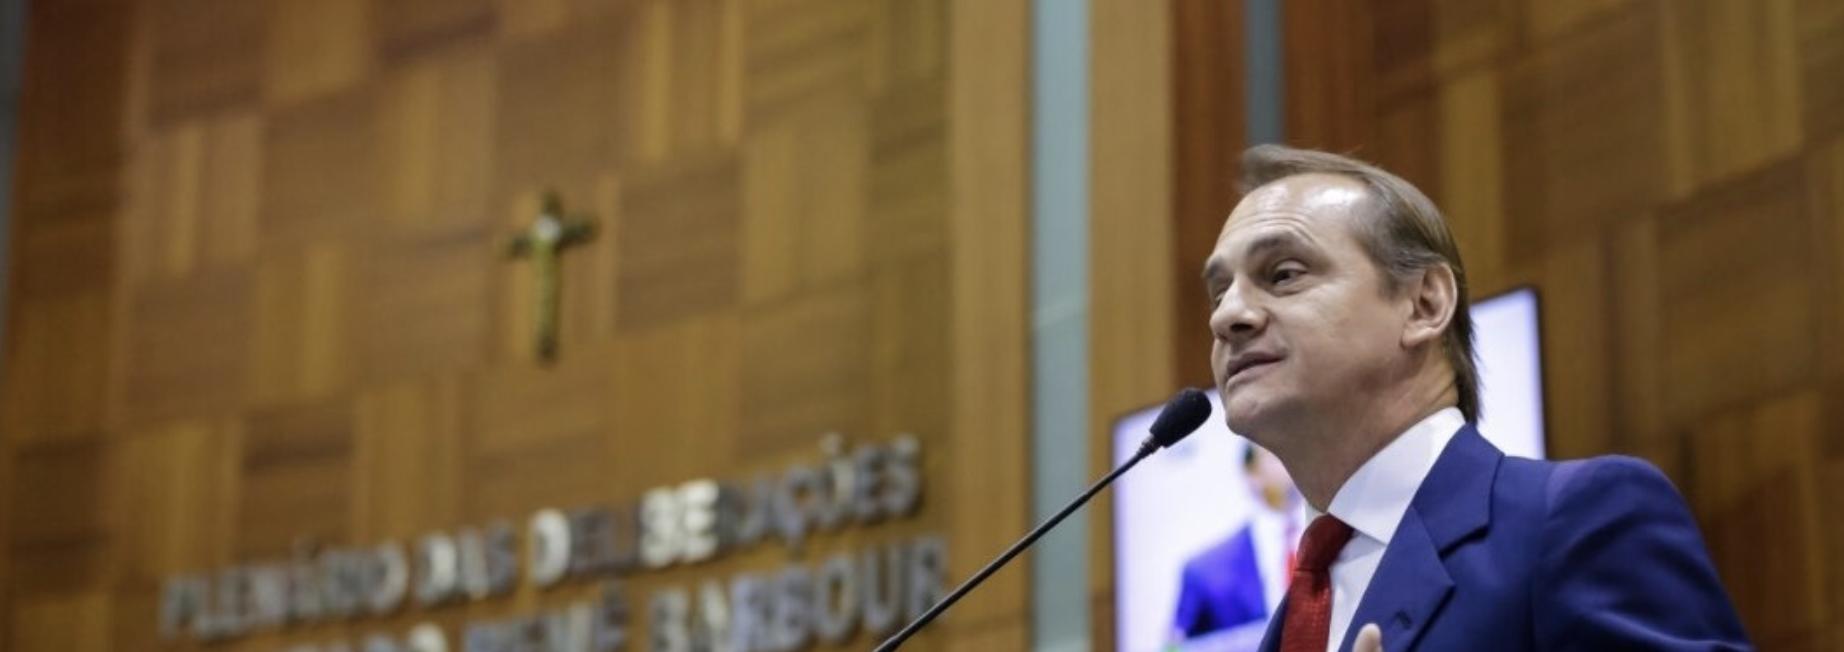 Deputado de Mato Grosso, defensor de volta às aulas, cita morte de até metade da população de Cuiabá, mas diz que foi mal interpretado